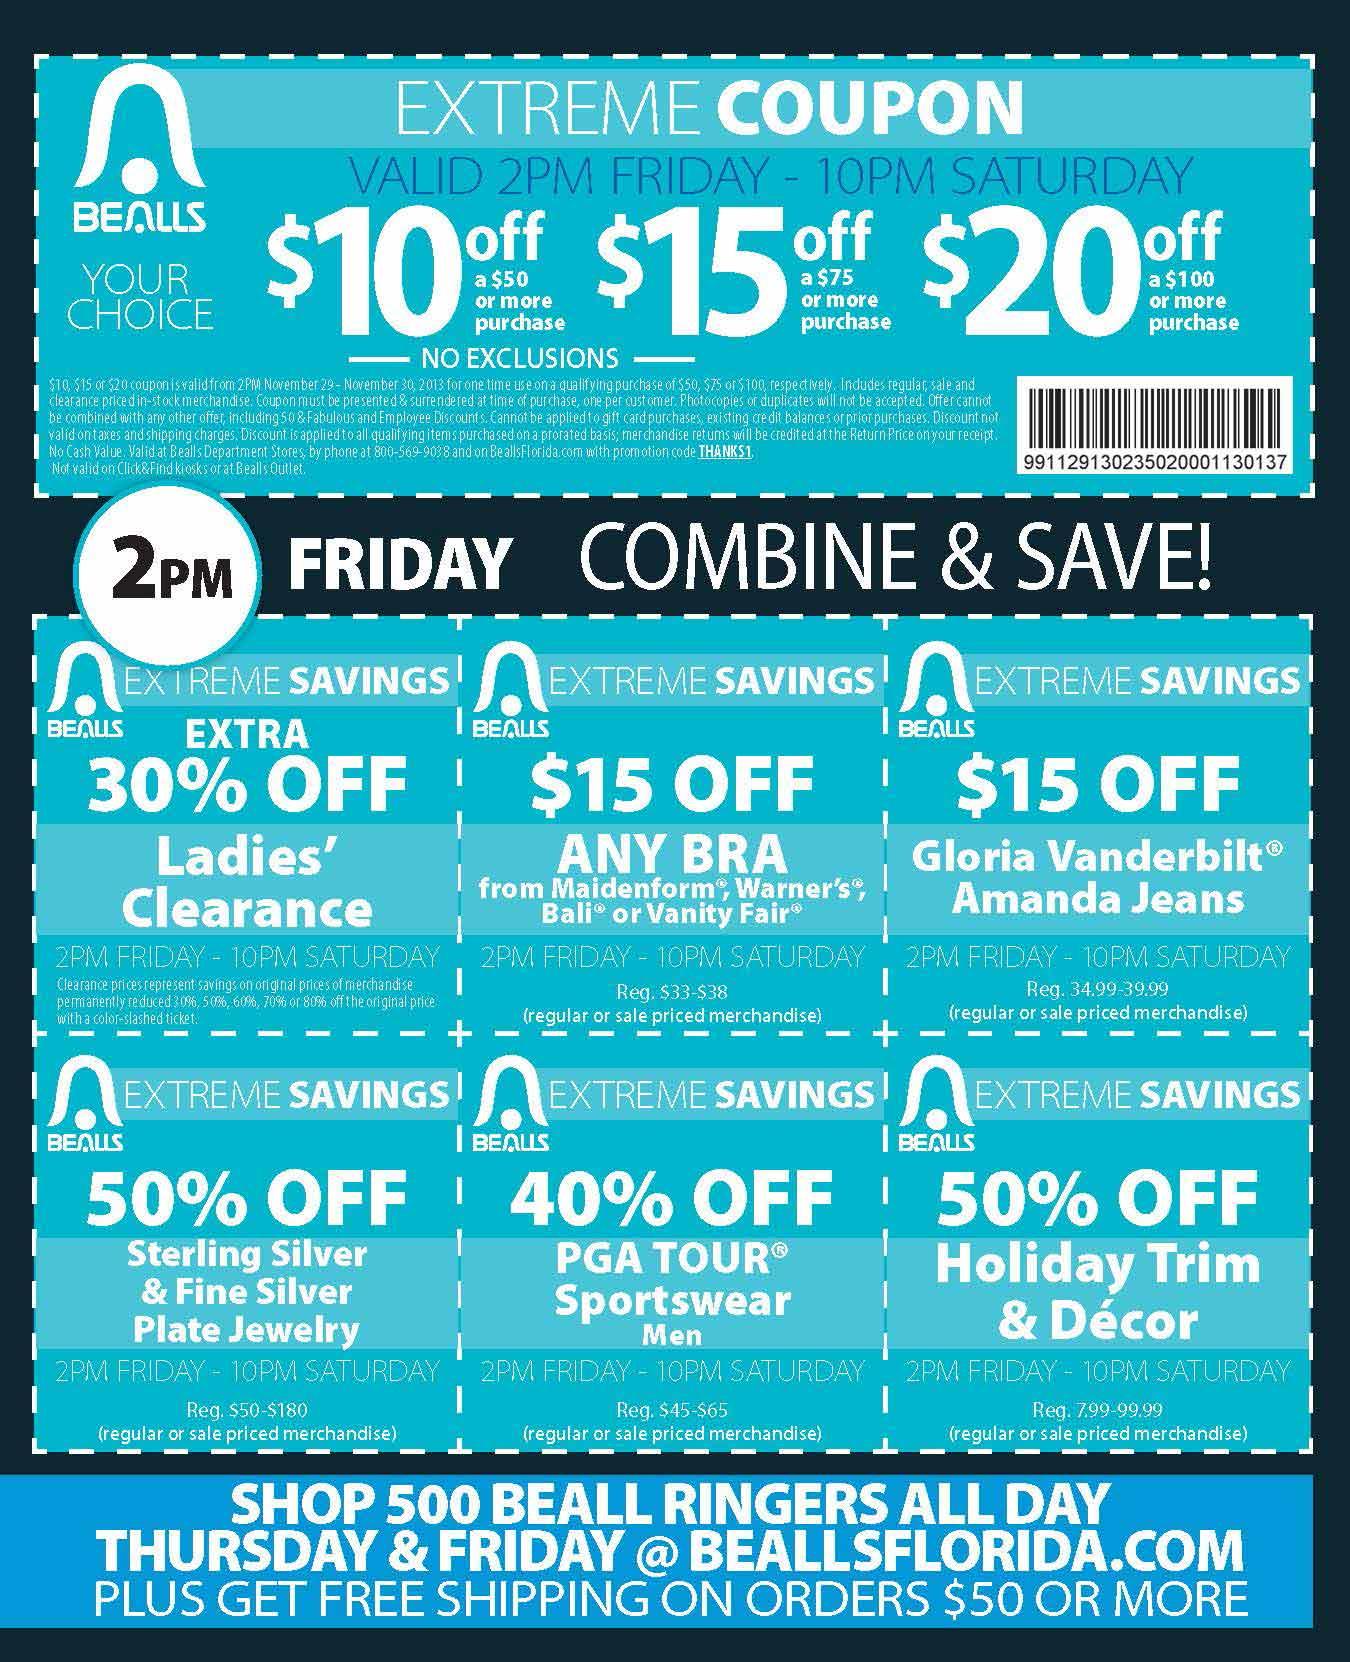 Bealls $10 Off Coupon Texas : Miramar 76 Coupon - Free Printable Bealls Florida Coupon